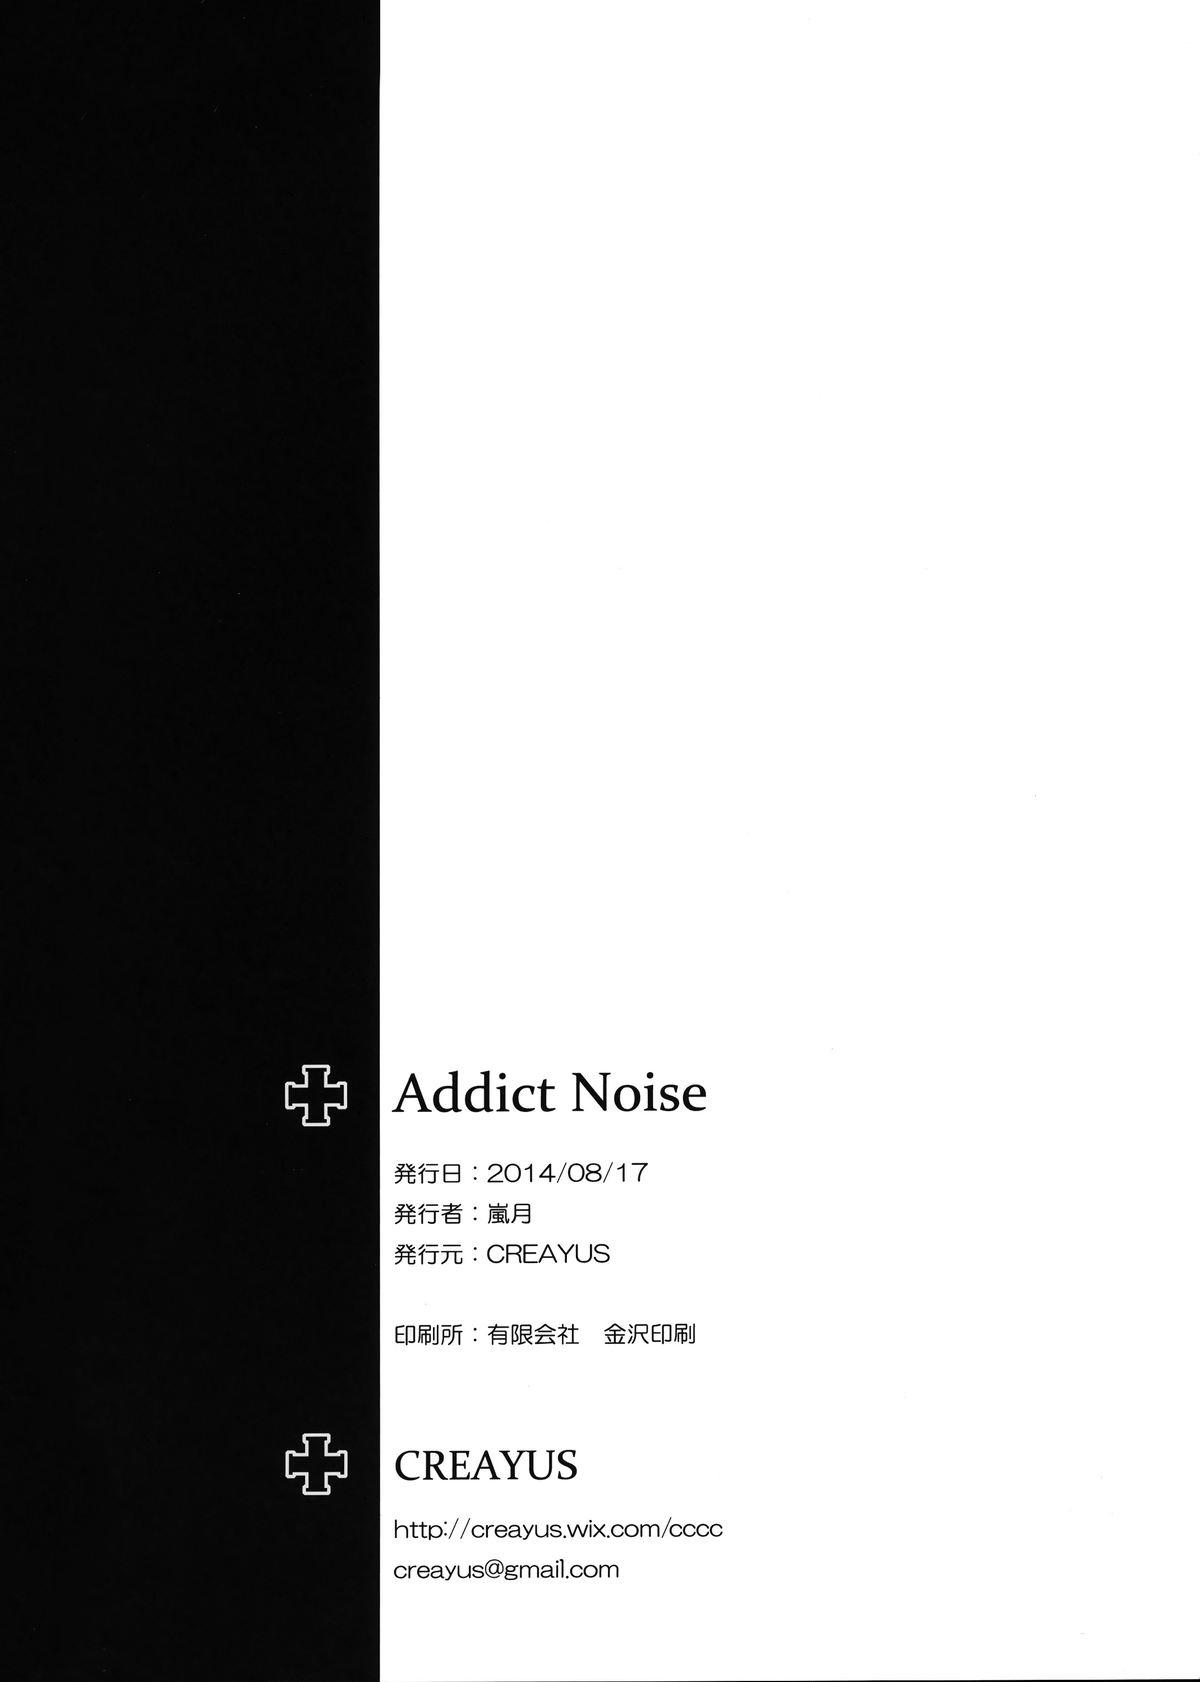 ADDICT NOISE 28